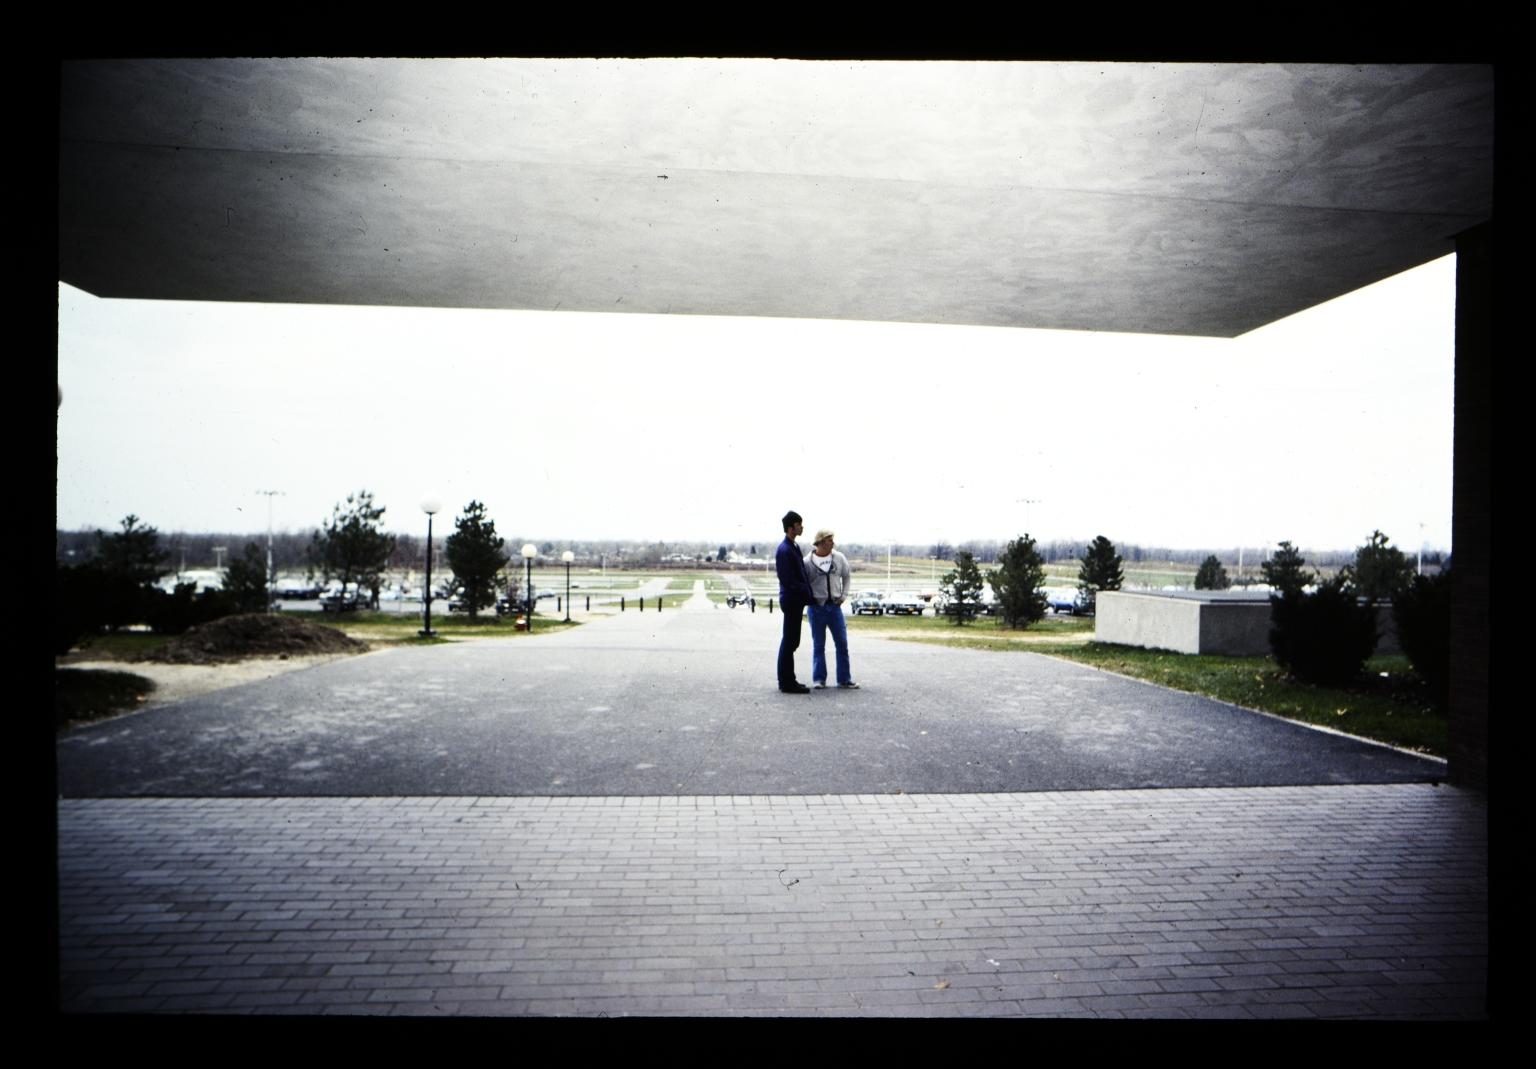 Standing in the walkway